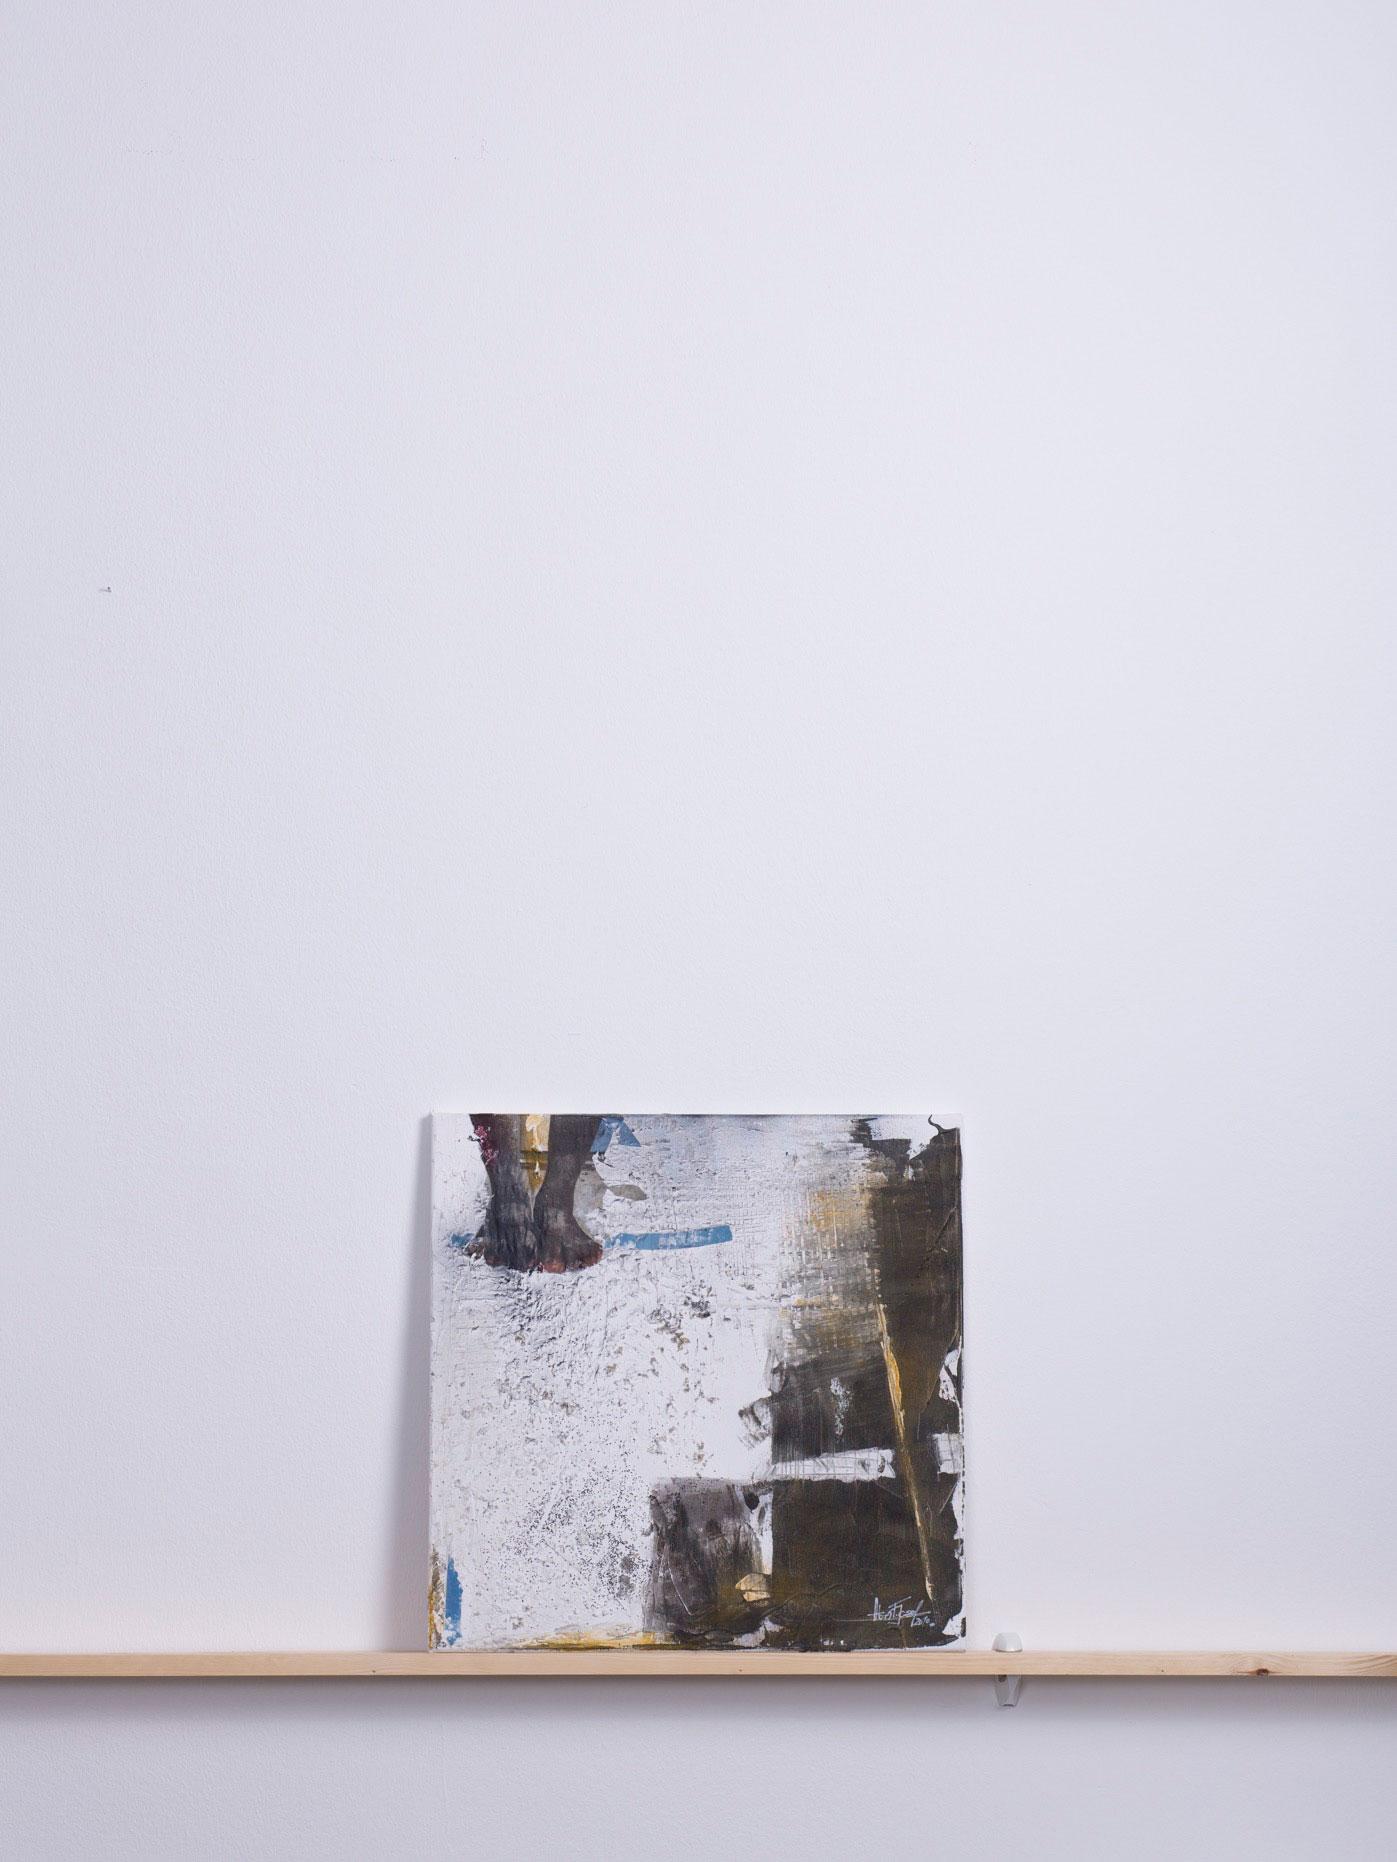 , 2010 - 50x50 cm,<br> Acryl und Papier auf Leinwand